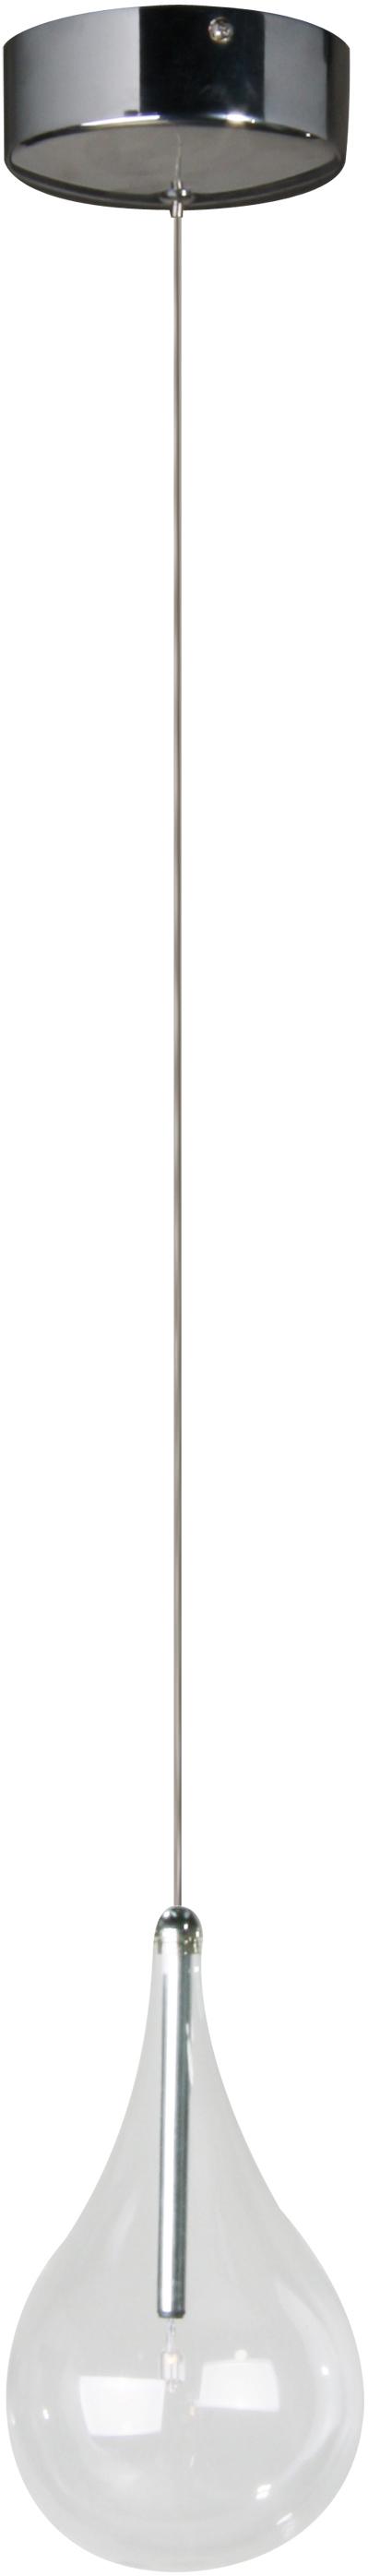 Larmes 1-Light Pendant